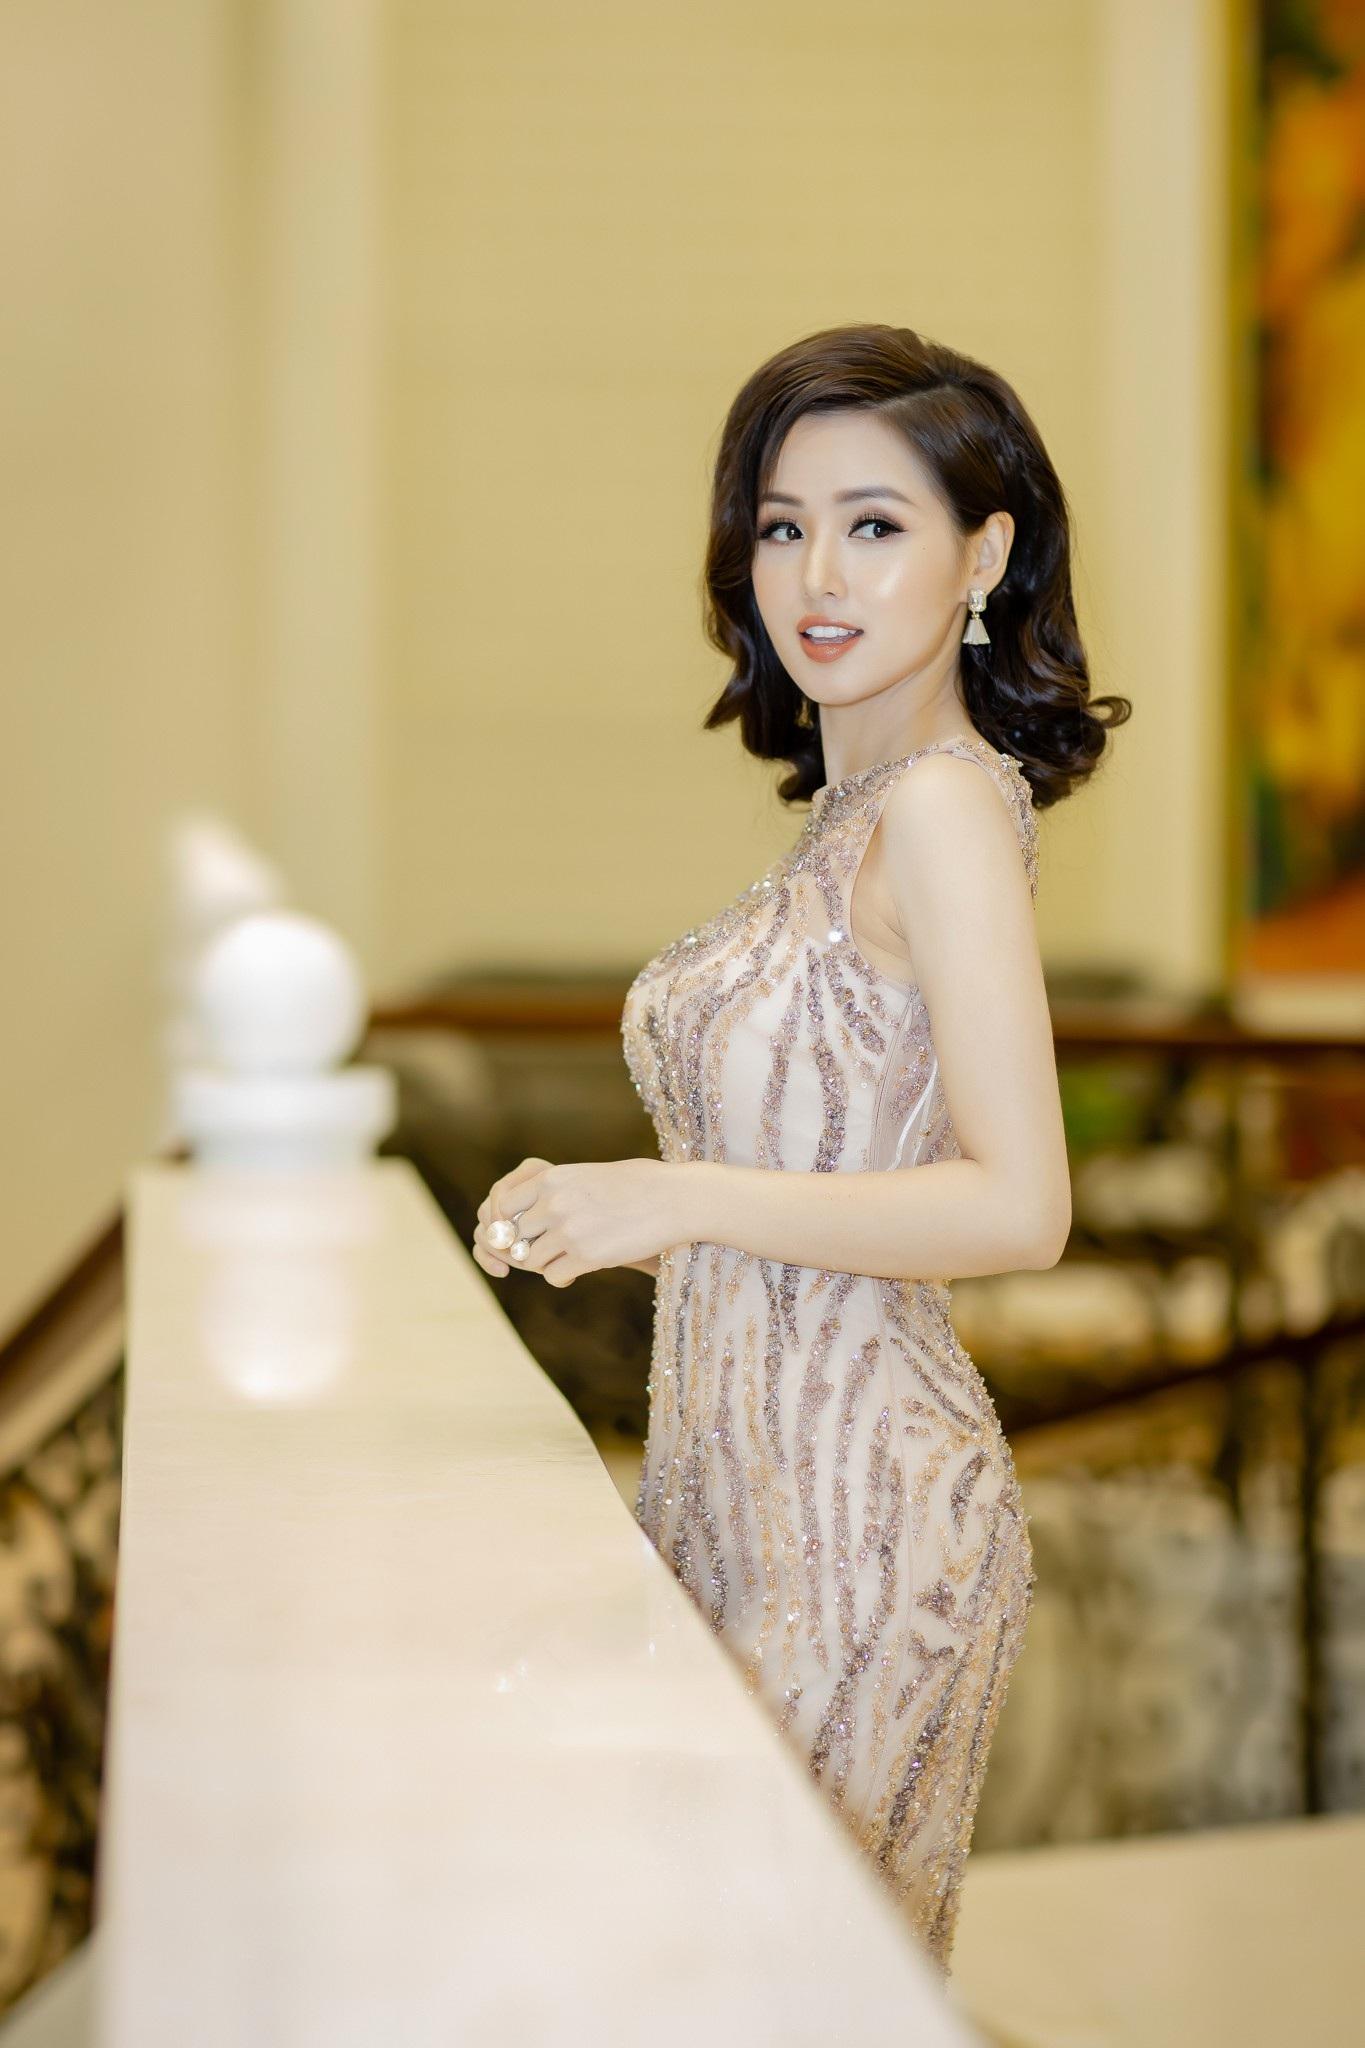 Cuộc sống sung túc, hot girl Tâm Tít sang chảnh không kém Hoa hậu Mai Phương Thuý - Ảnh 1.